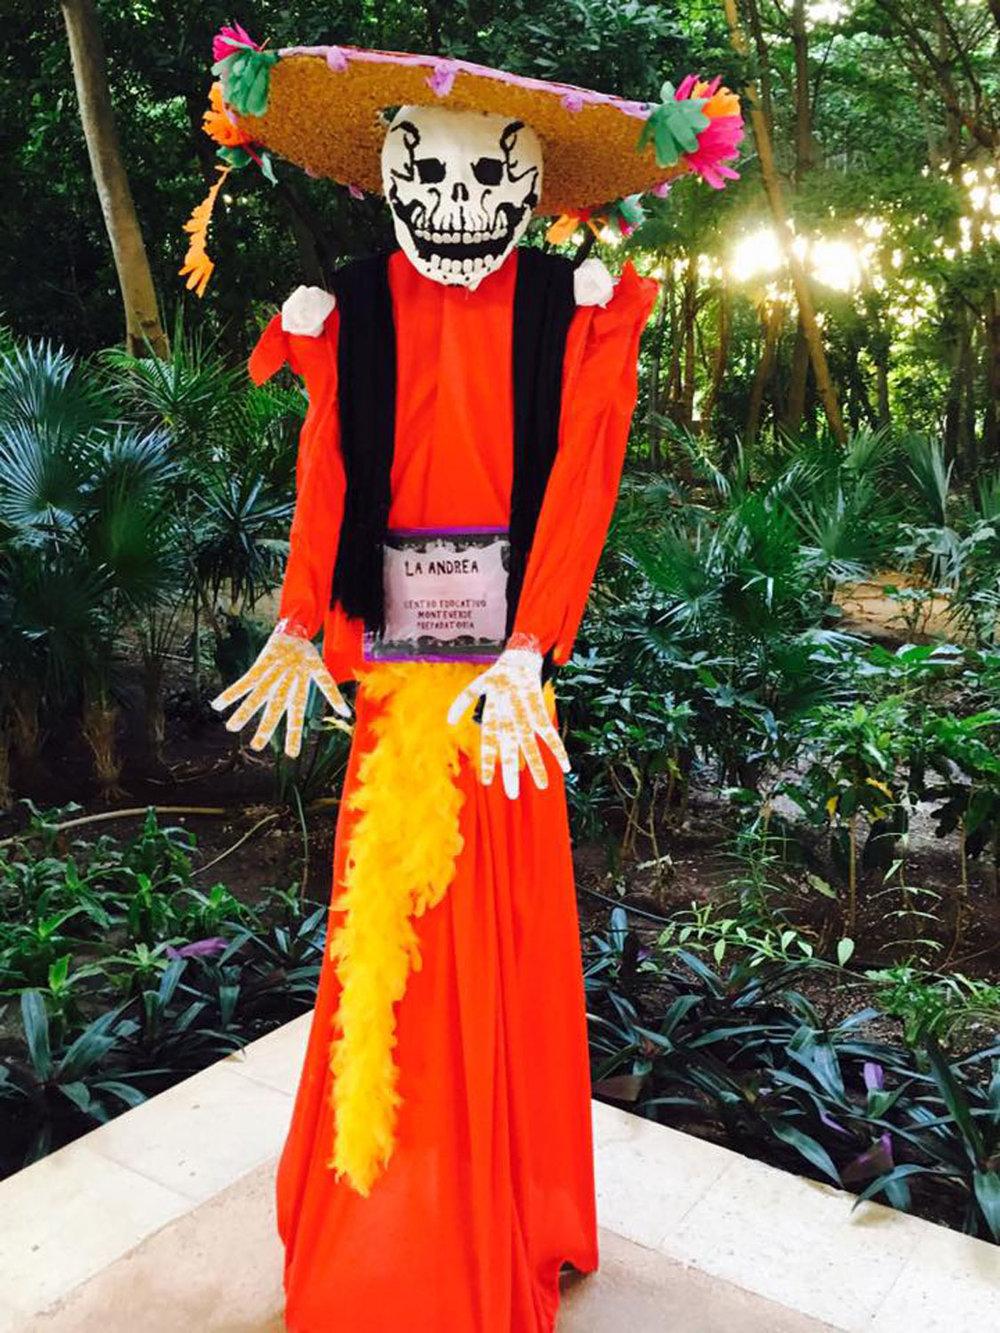 Hammocks_and_Ruins_Blog_Riviera_Maya_Mexico_Travel_Discover_Explore_Yucatan_Pyramid_Muesuems_Cancun_2.jpg